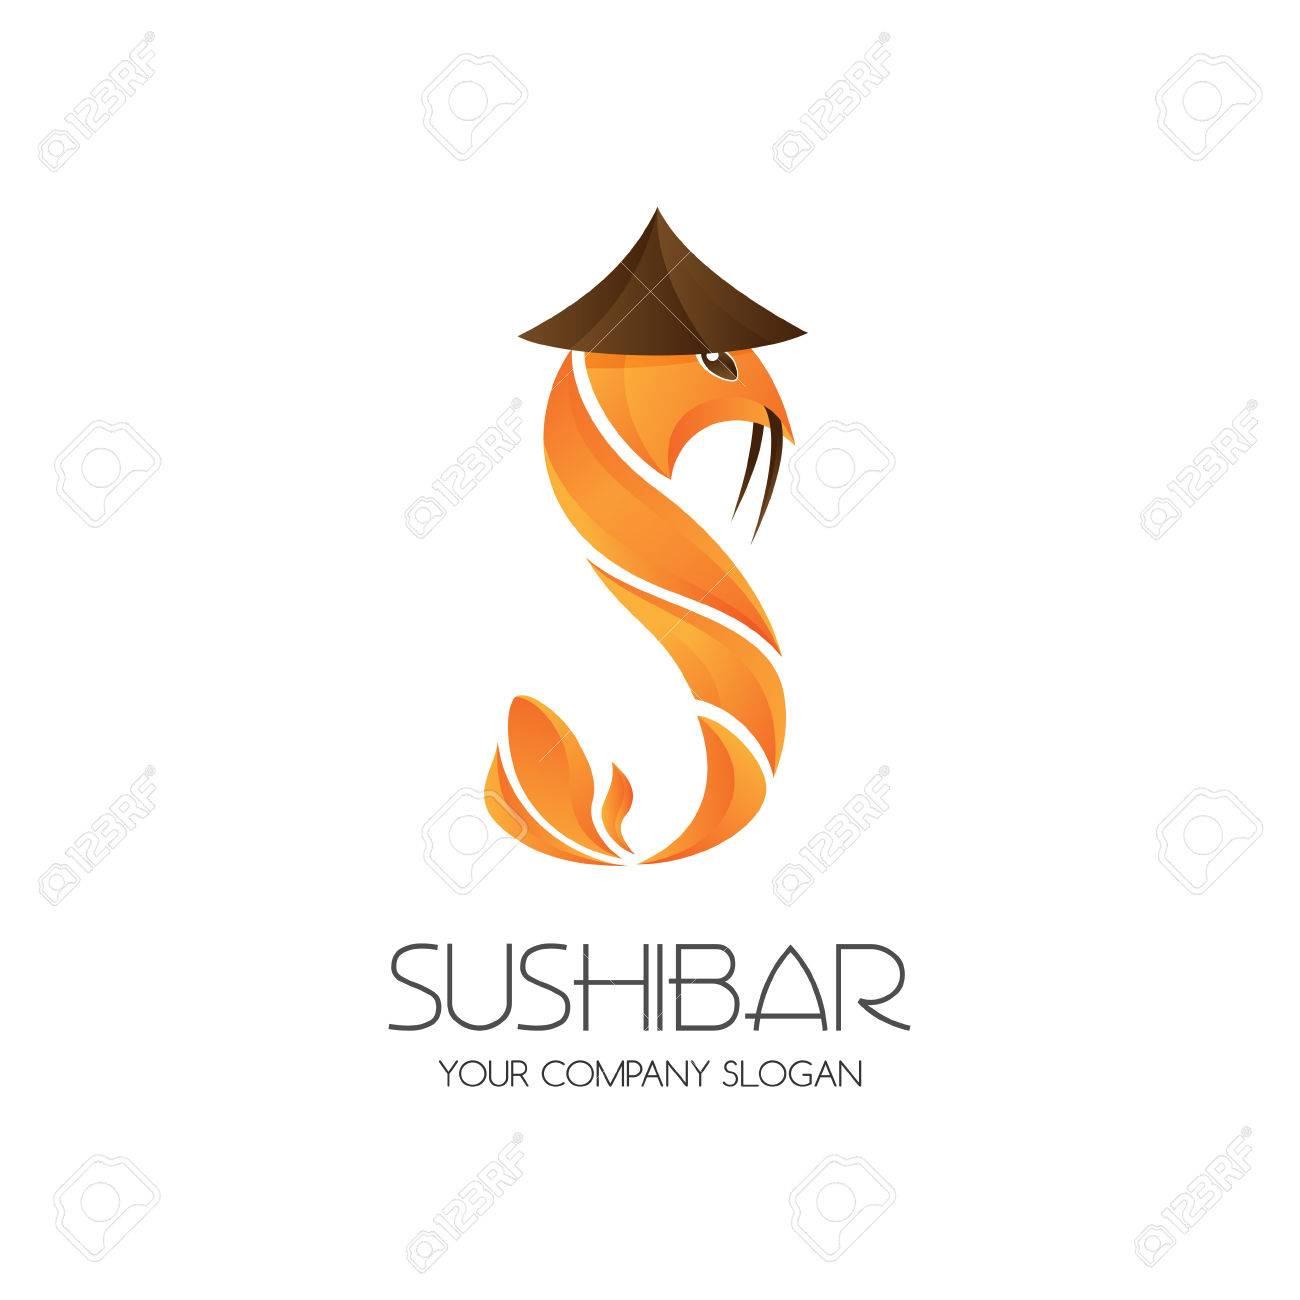 Bar De Sushi Logotipo De La Plantilla. Icono Carácter De Camarón ...